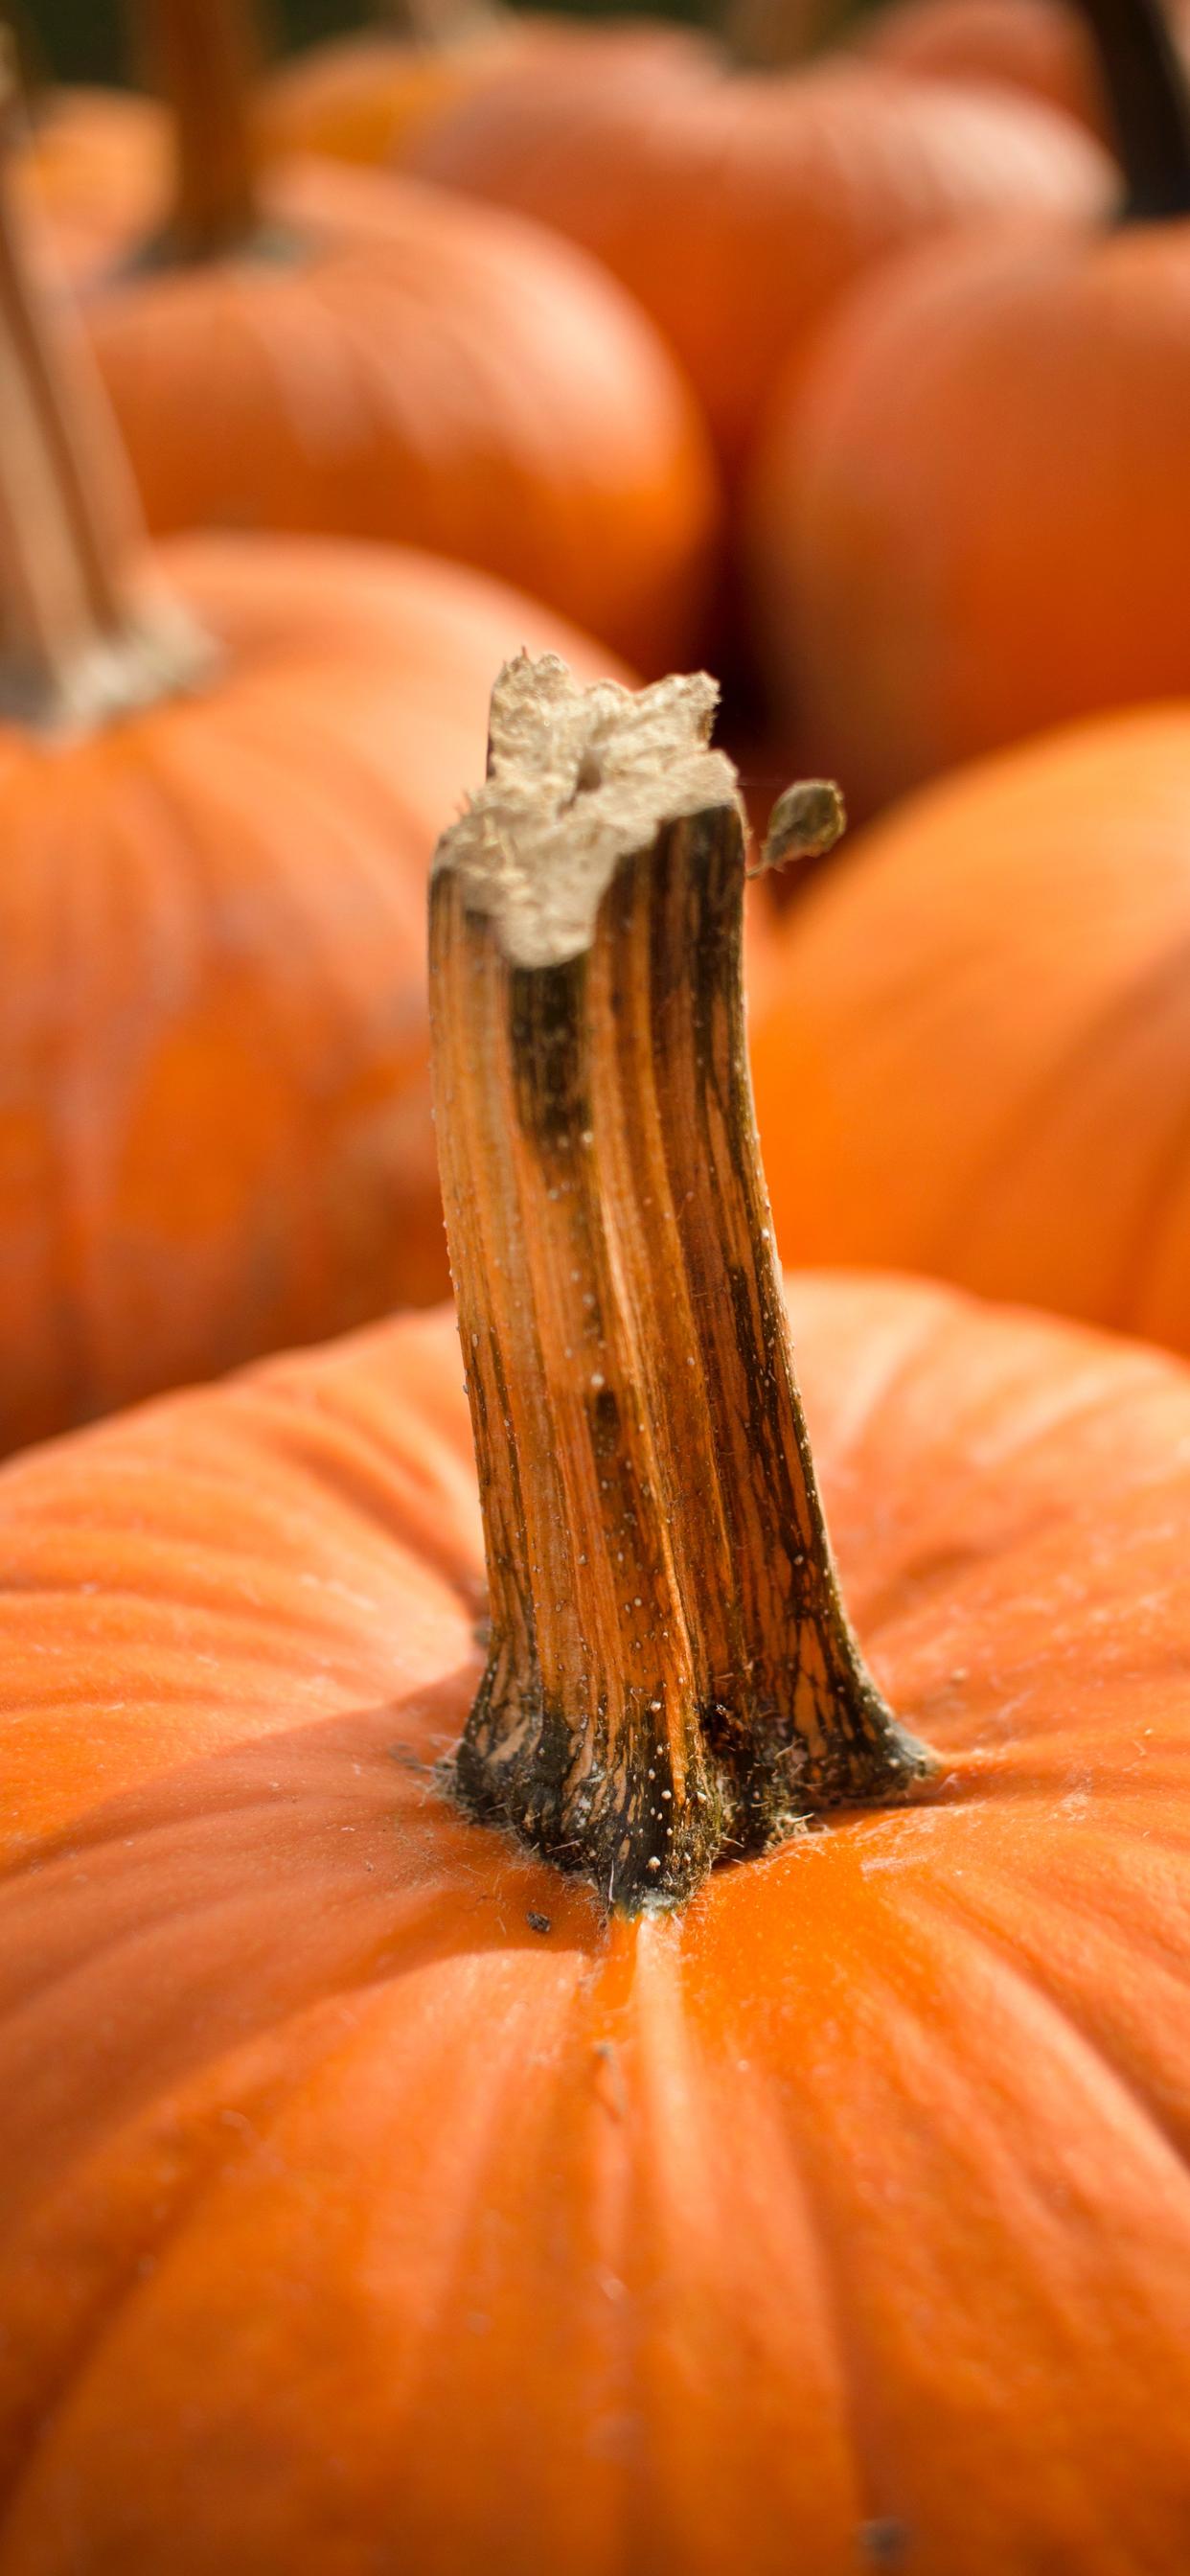 Up close with a pumpkin